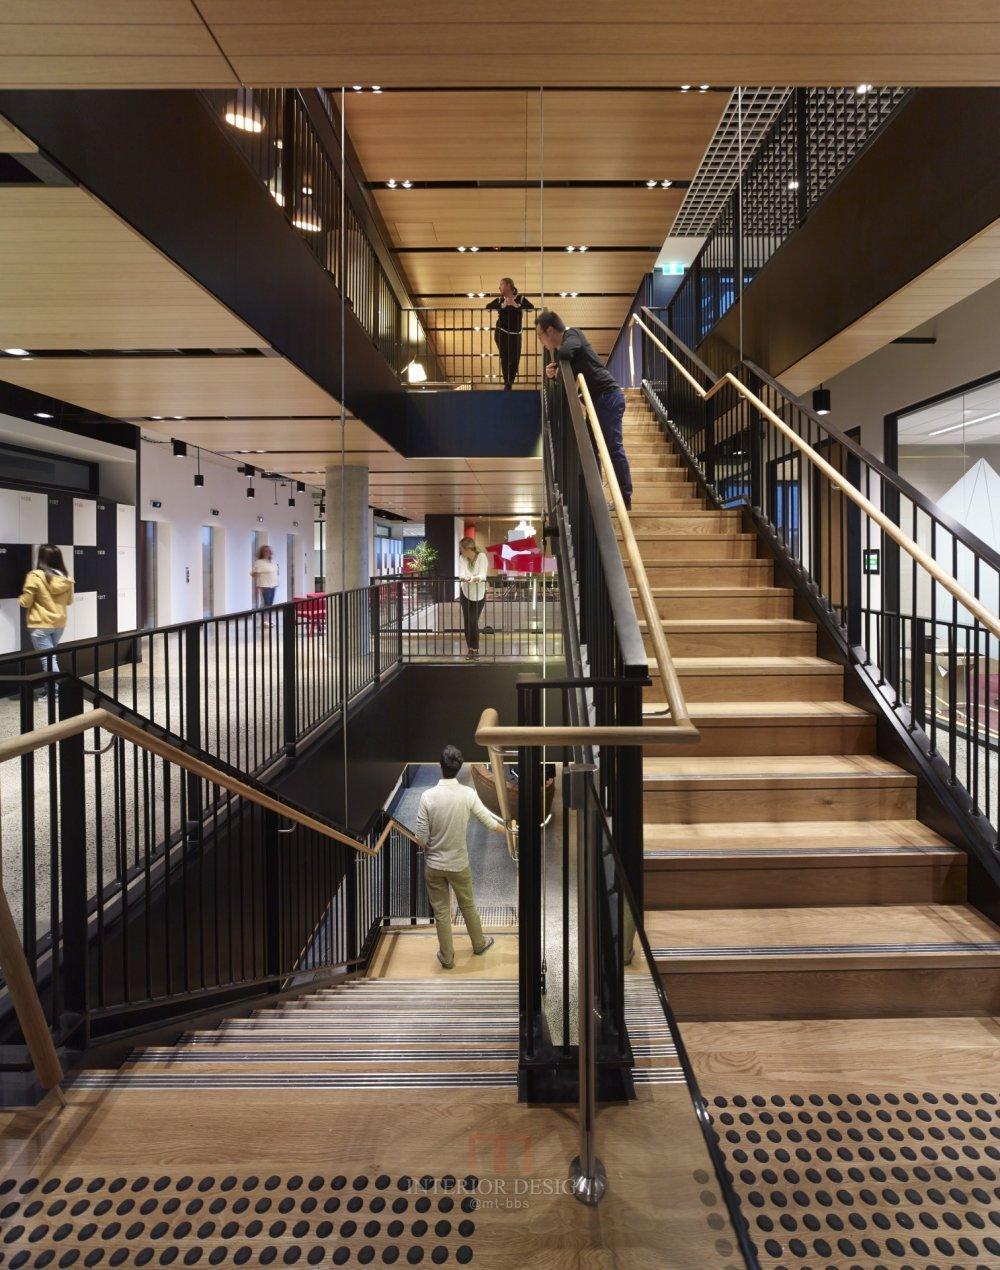 伍兹贝格建筑设计公司_120130_N2_screenhd.jpg